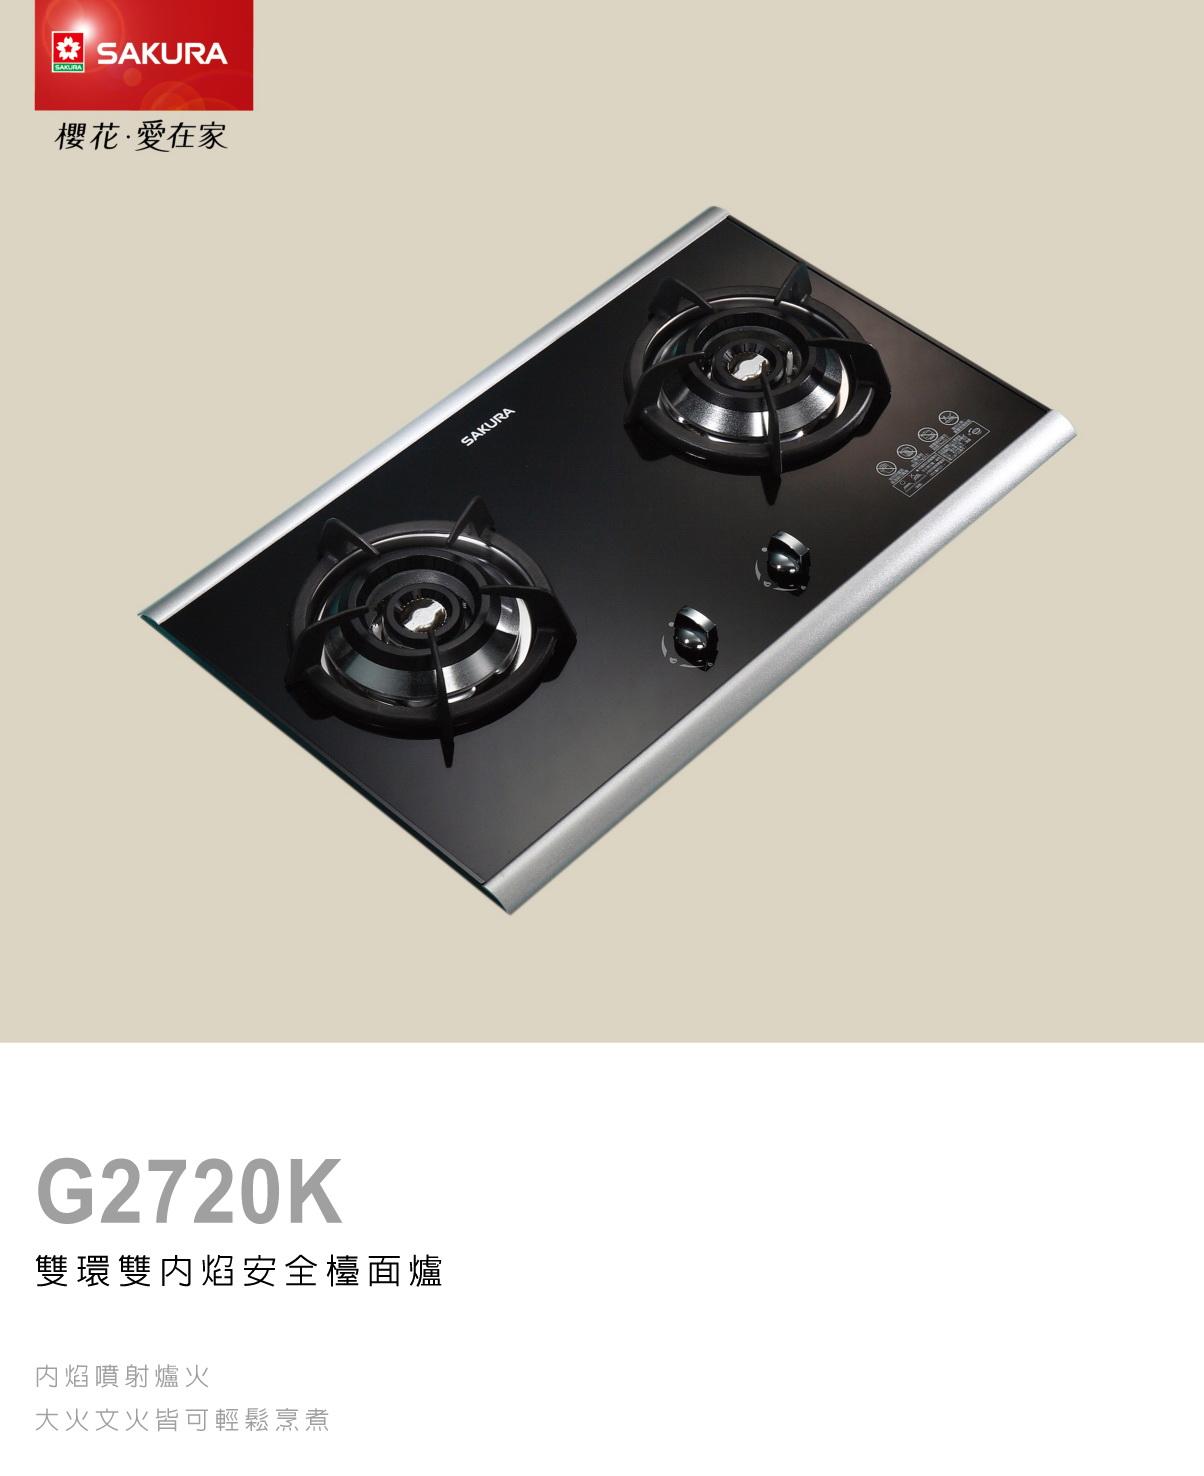 櫻花瓦斯爐G2720KG.jpg